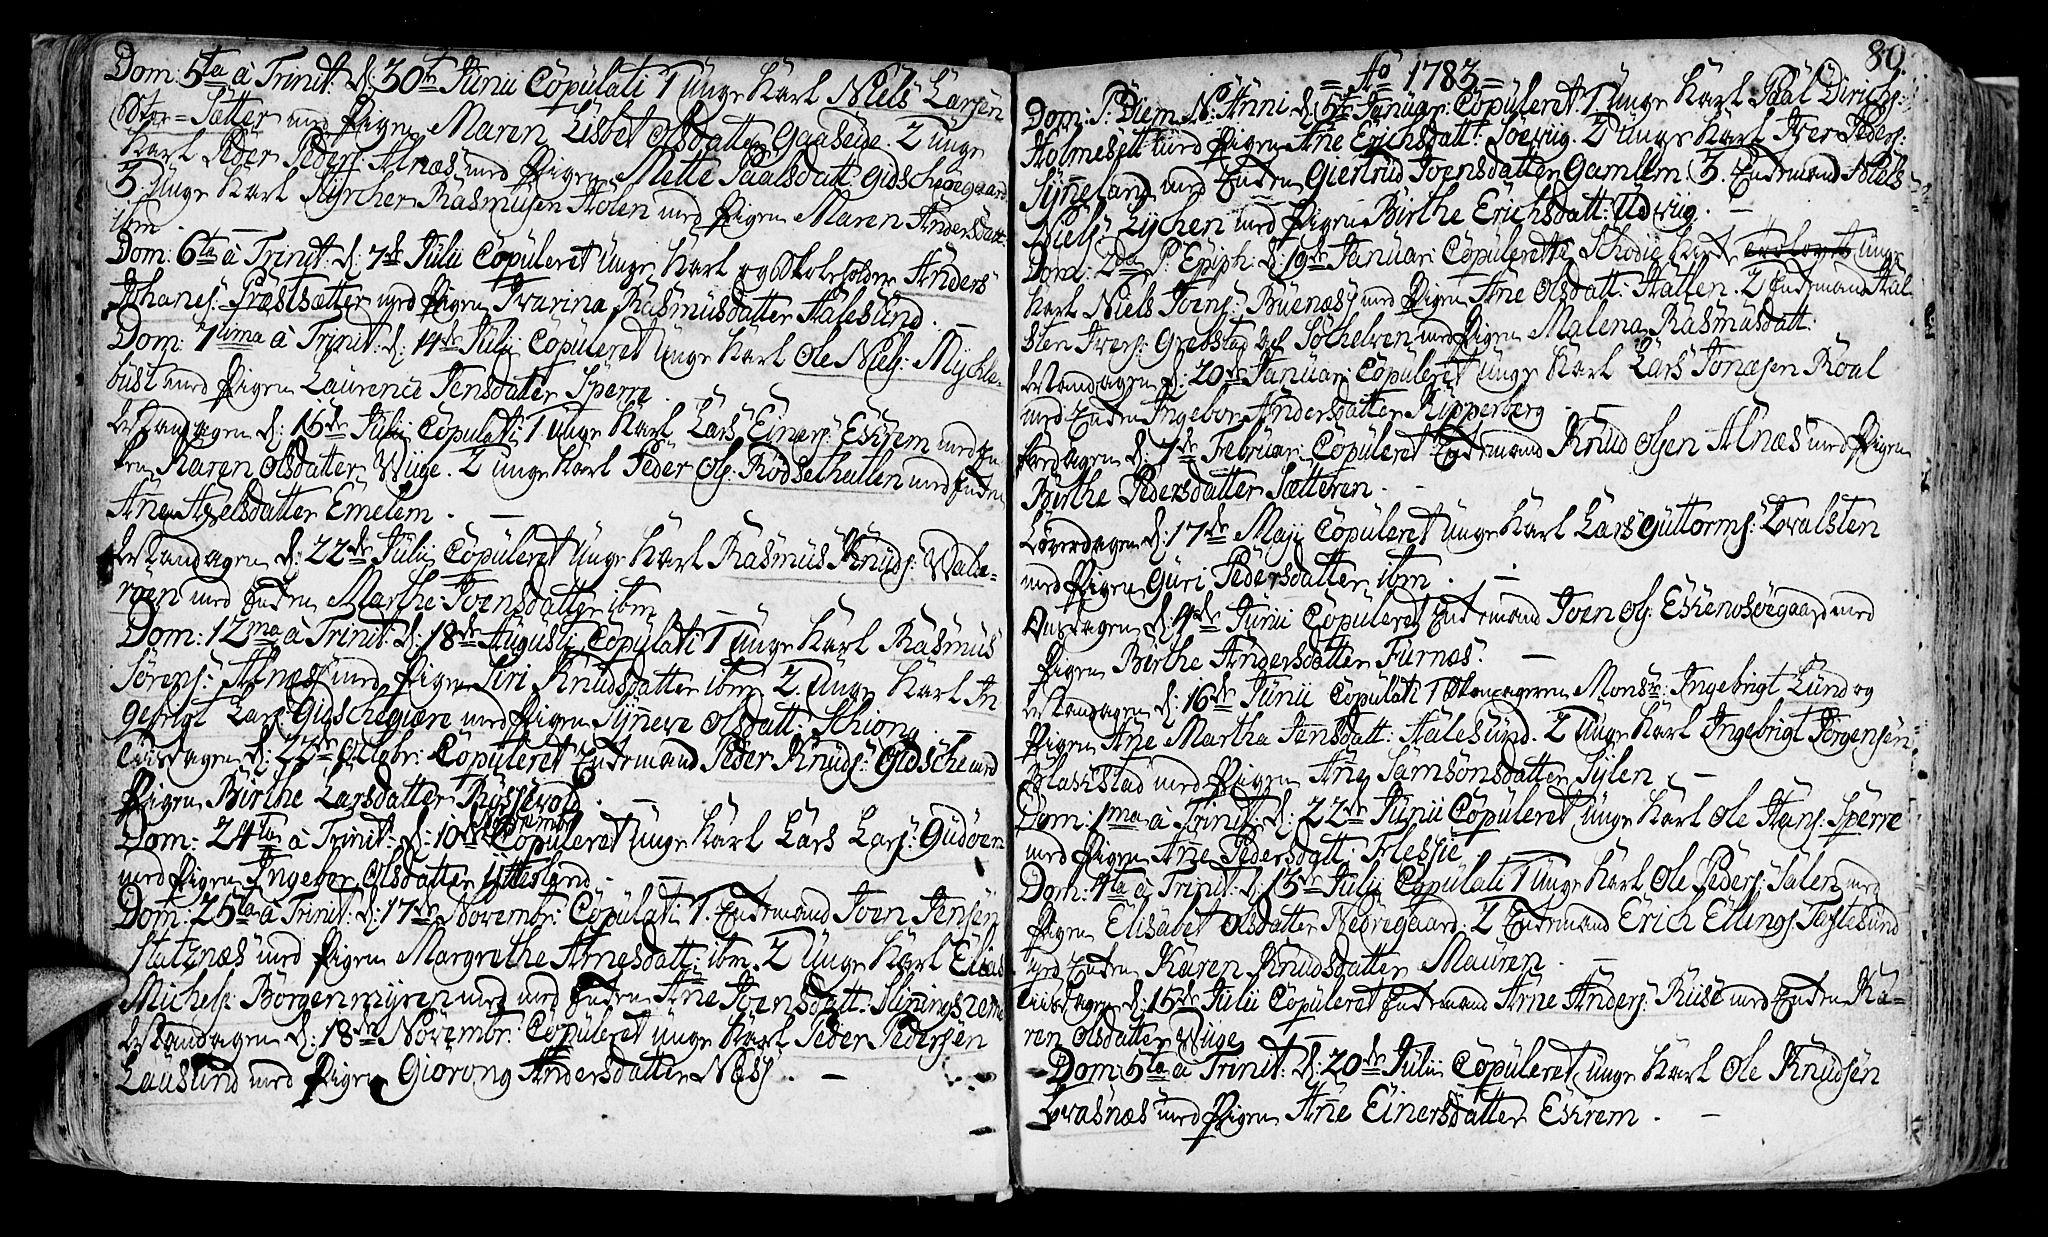 SAT, Ministerialprotokoller, klokkerbøker og fødselsregistre - Møre og Romsdal, 528/L0392: Ministerialbok nr. 528A03, 1762-1800, s. 80